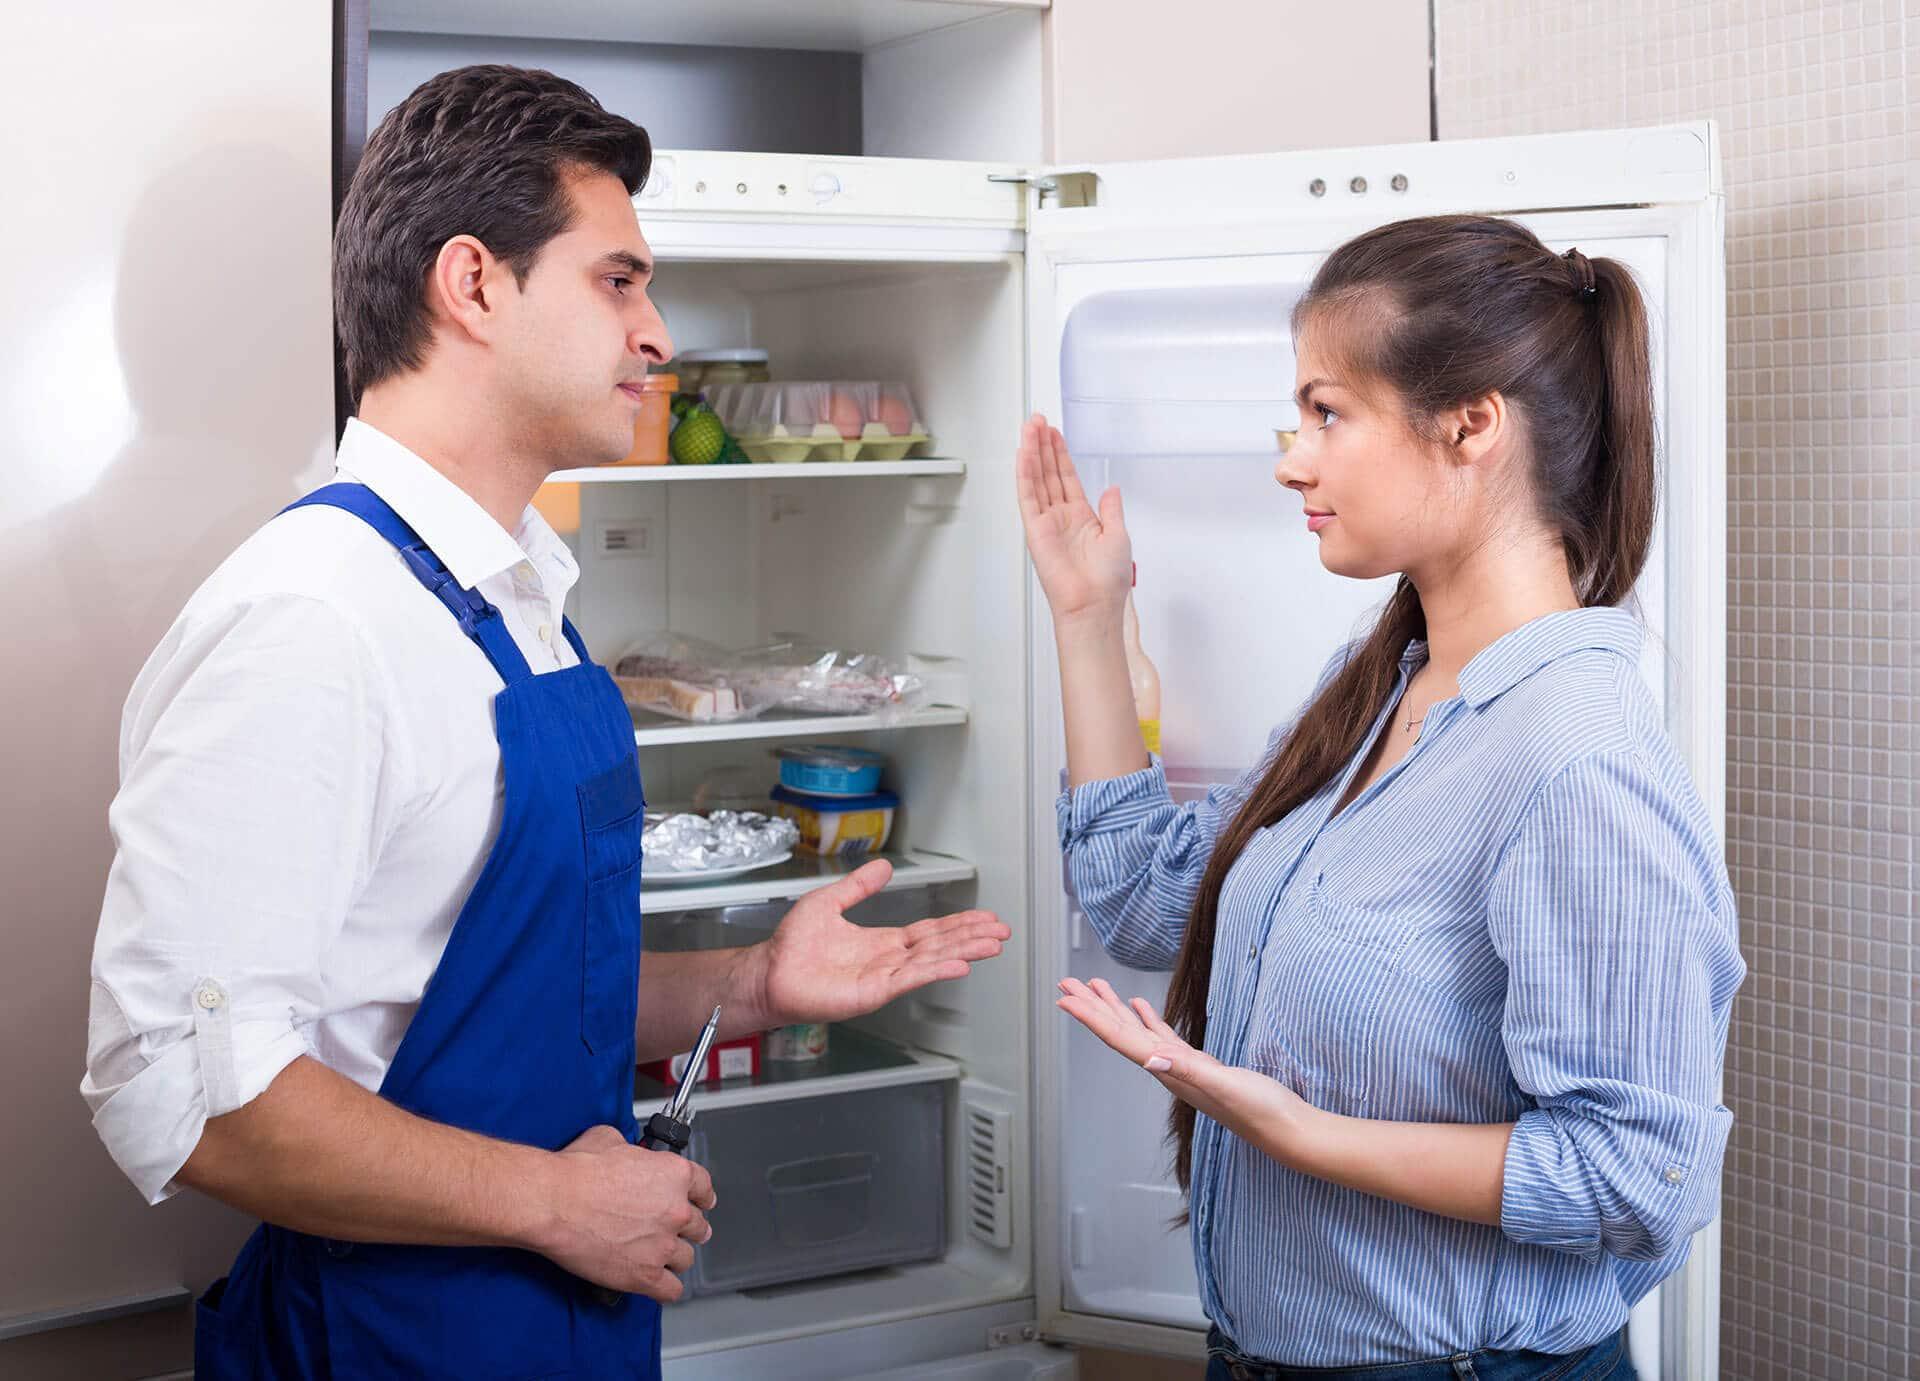 Refrigerator repair.